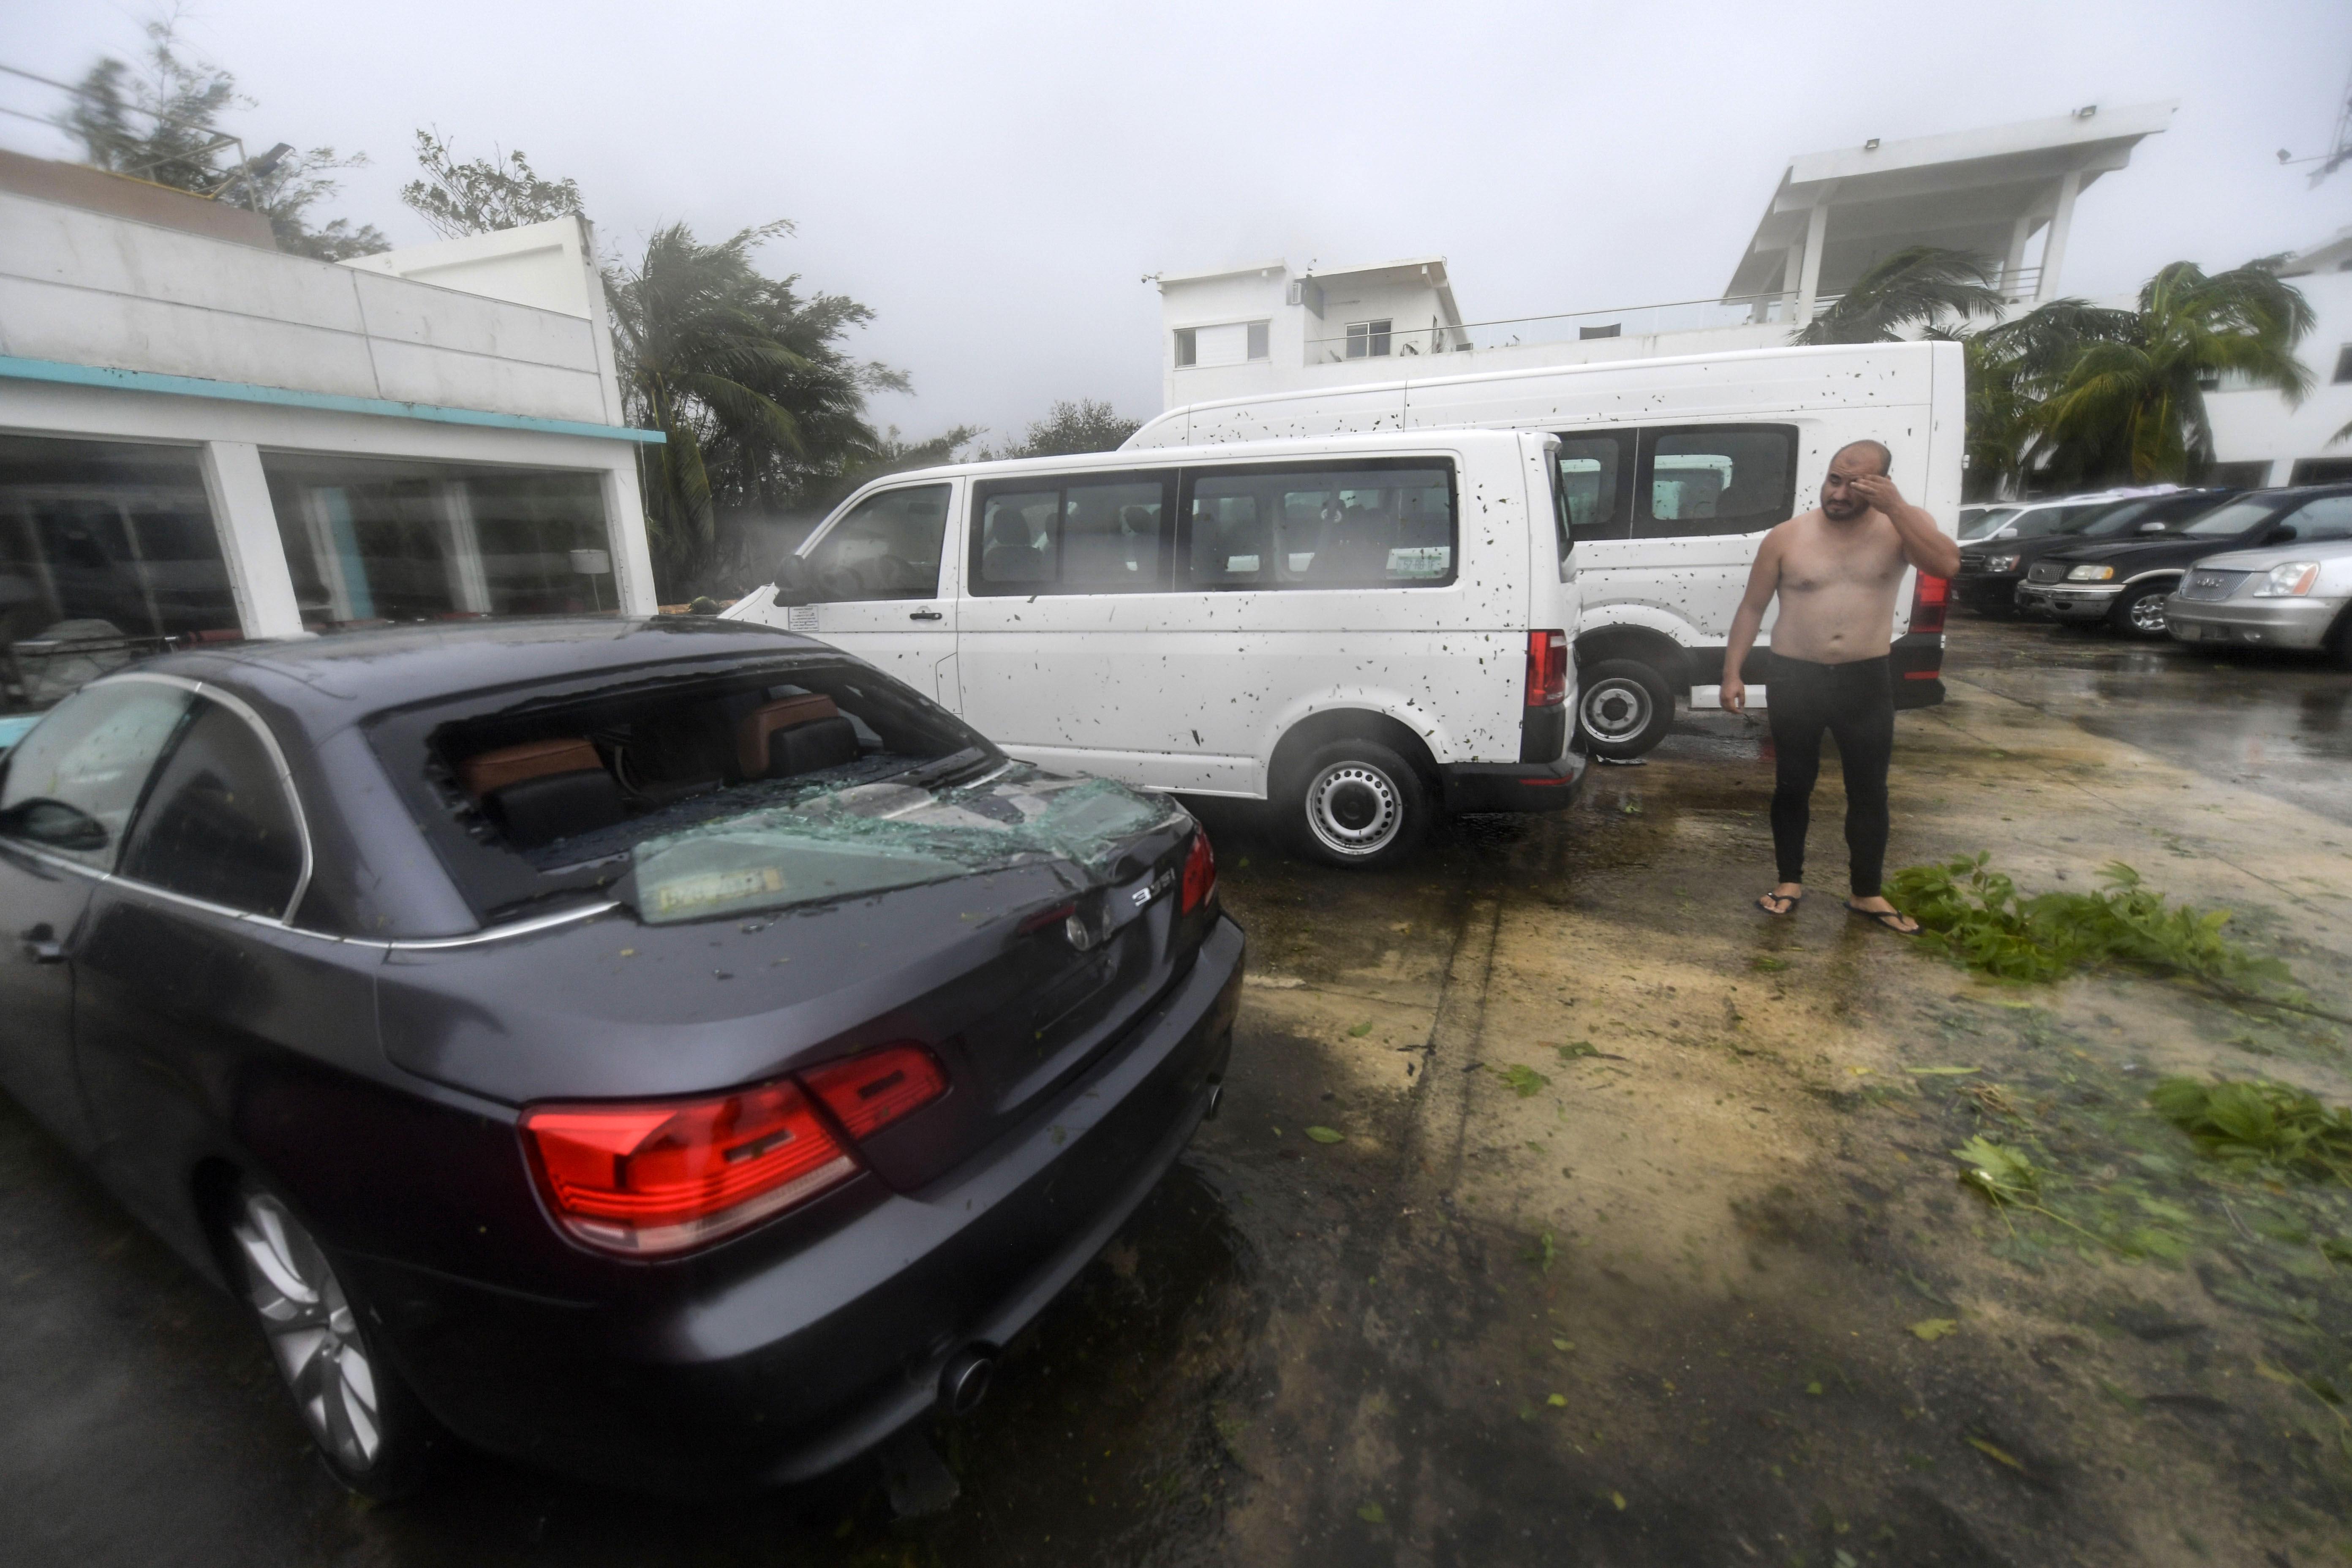 Un hombre reacciona junto a un automóvil averiado tras el paso del huracán Delta, en Cancún, estado de Quintana Roo, México, el 7 de octubre de 2020.